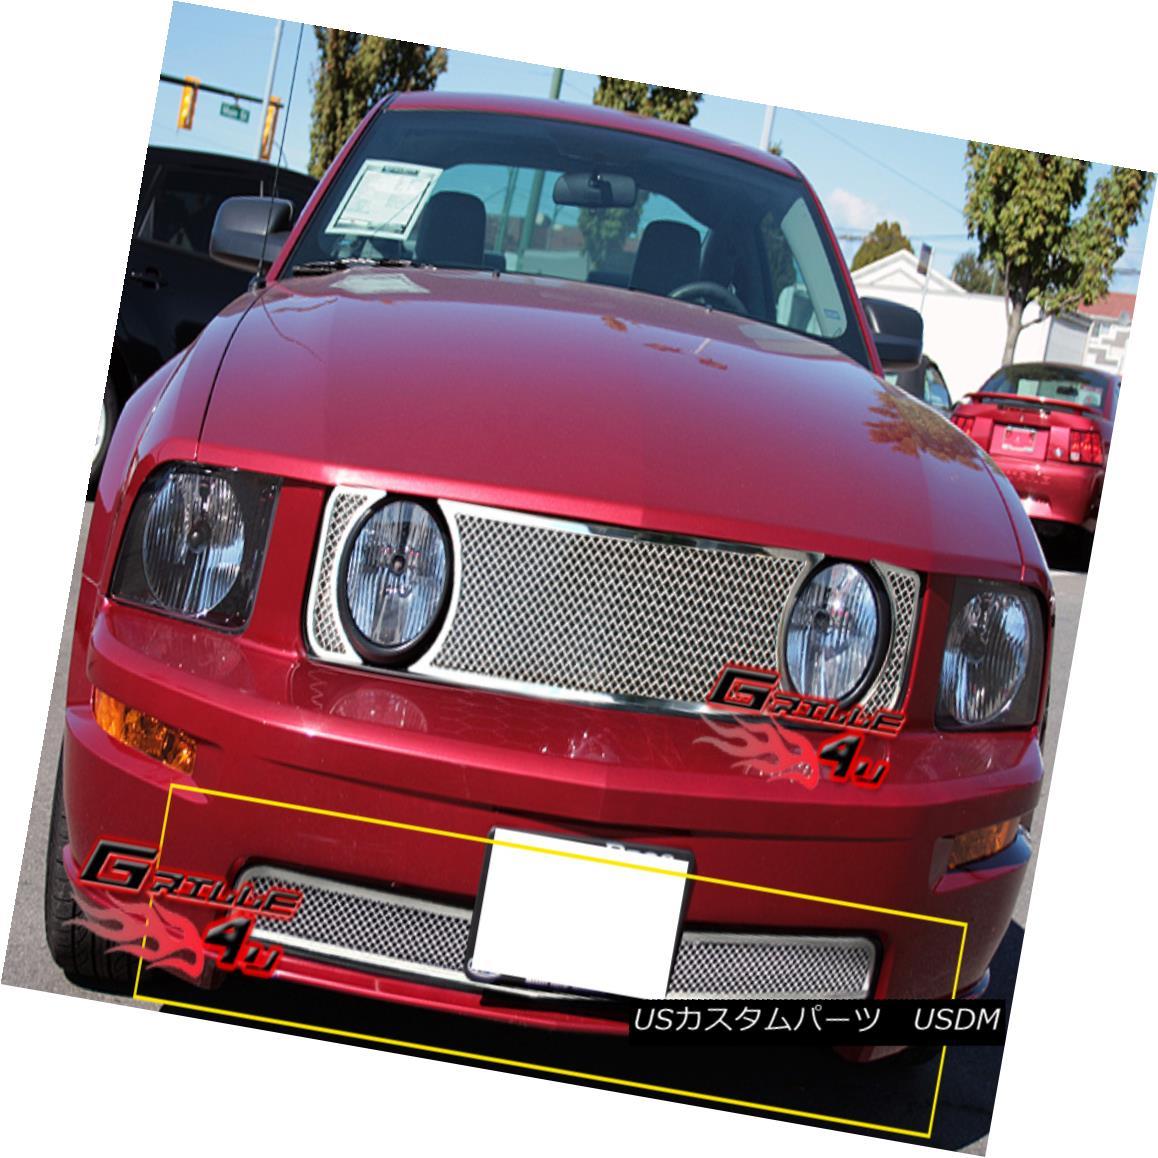 グリル Fits 2005-2009 Ford Mustang GT V8 Bumper Stainless Mesh Grille フィット2005-2009フォードマスタングGT V8バンパーステンレスメッシュグリル